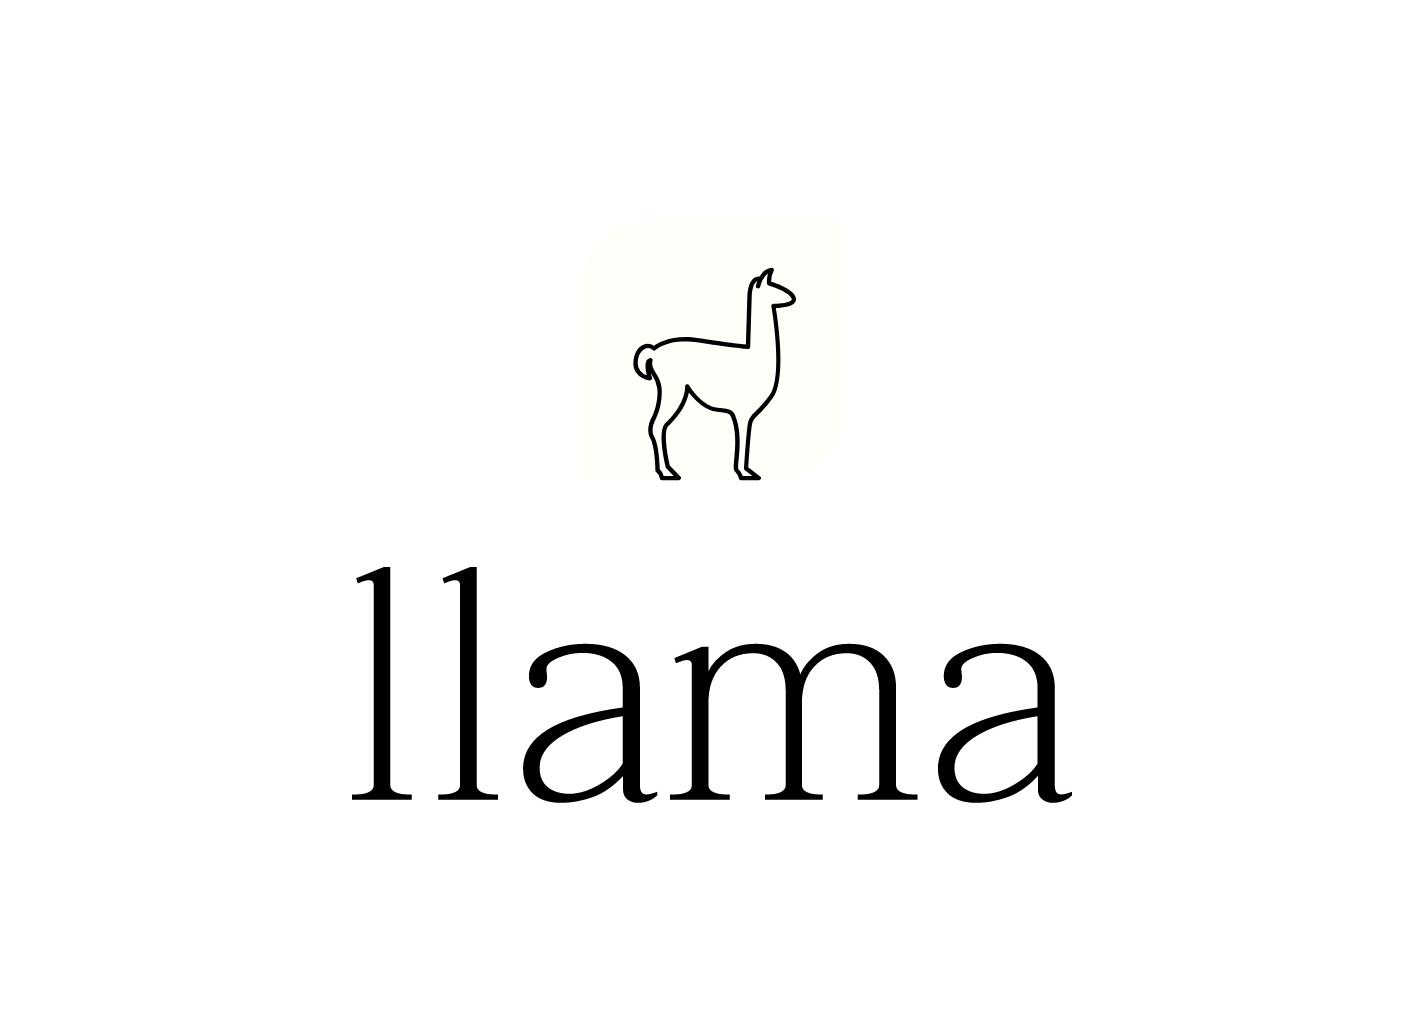 llama.community